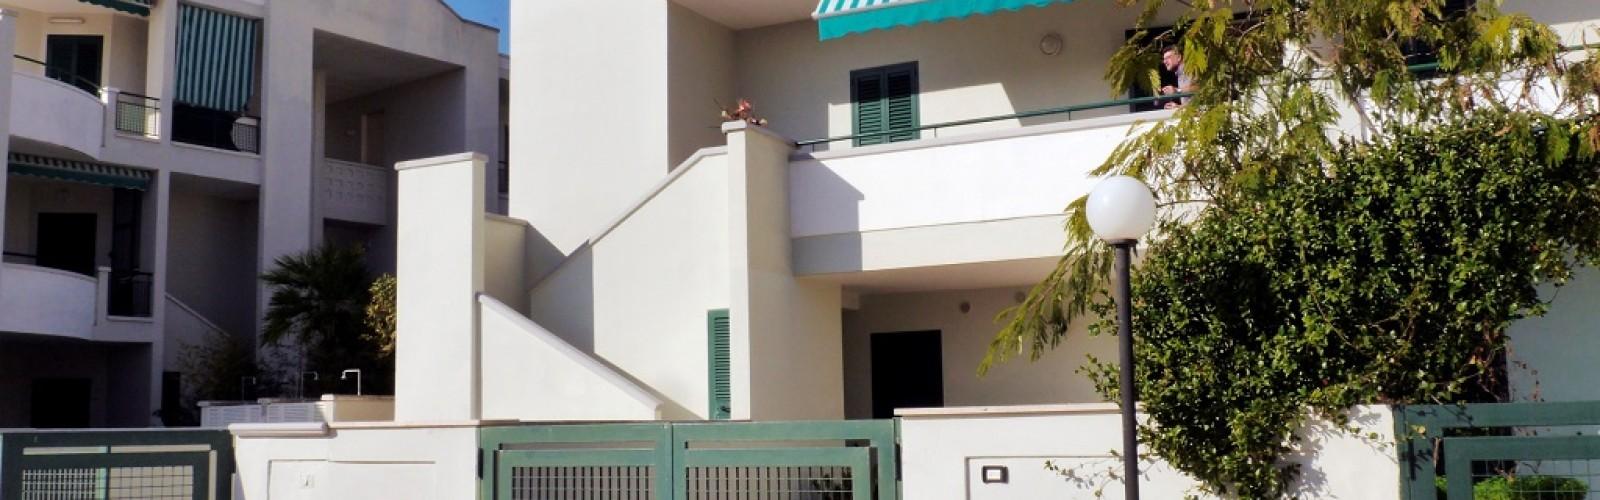 Appartamenti Nonsolomar